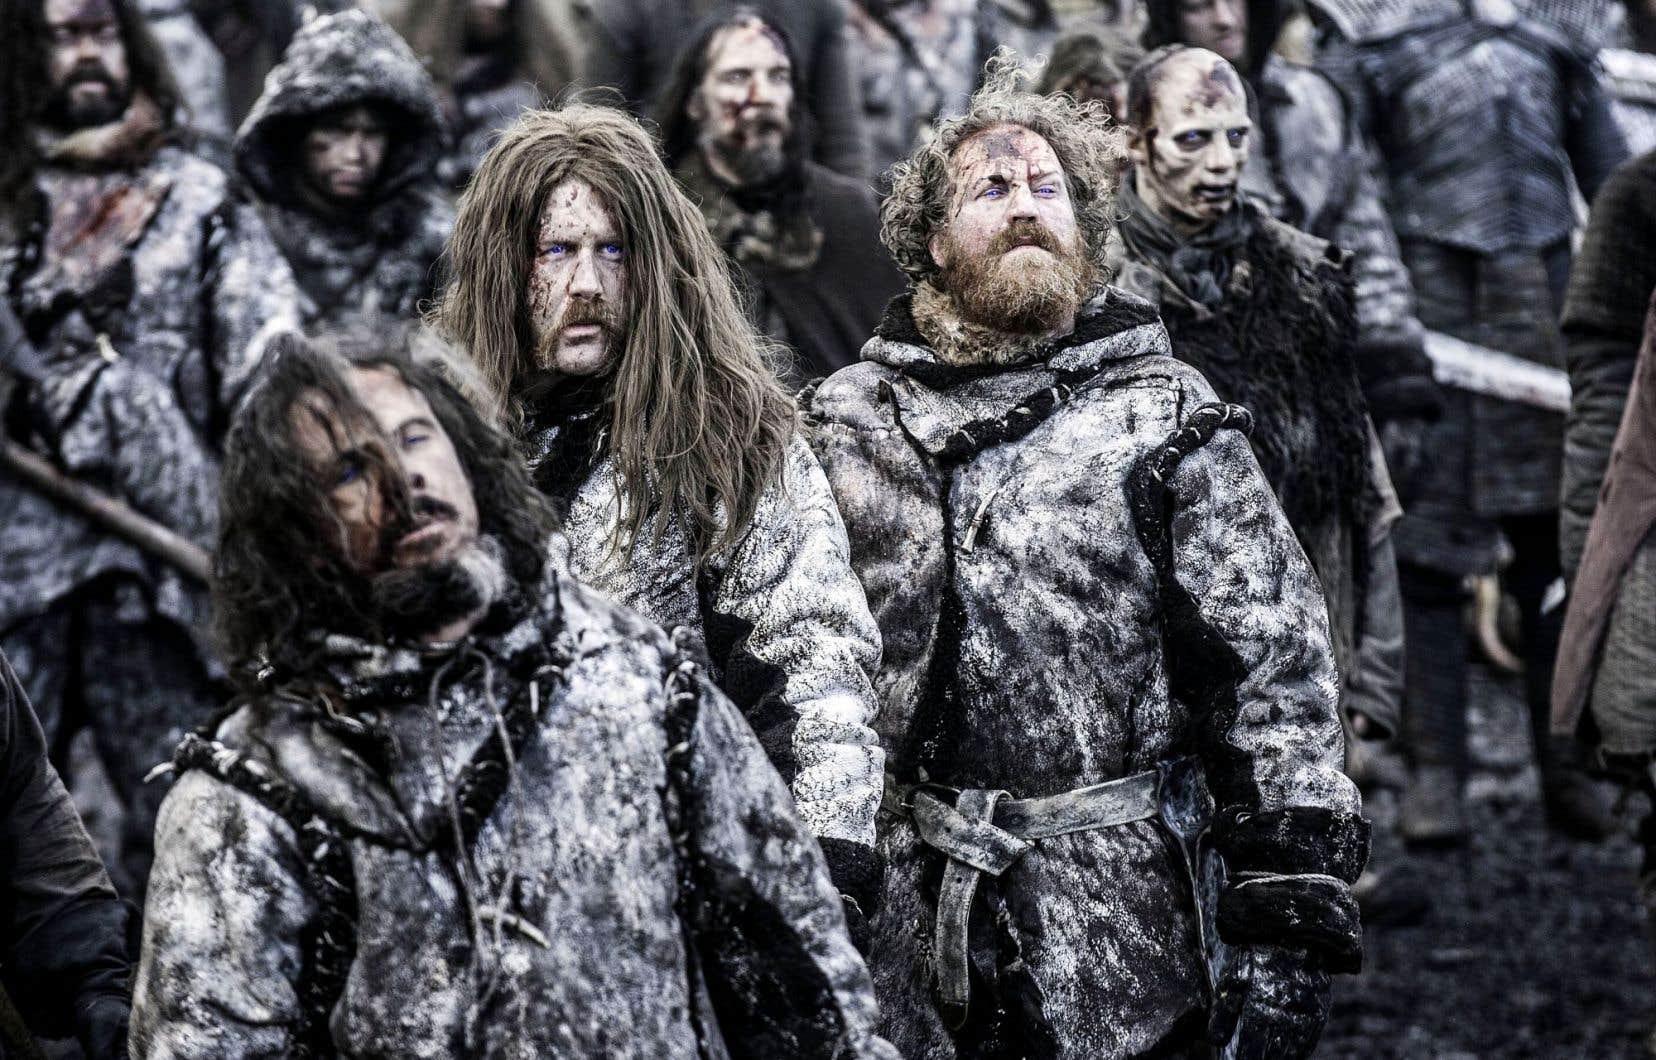 Parfois, le «spin-off» enrichit parallèlement une nouvelle série originale dont la diffusion se poursuit. HBO prépare ainsi non pas une, ni deux, mais bien cinq productions dérivées de son gros canon, «Game of Thrones».